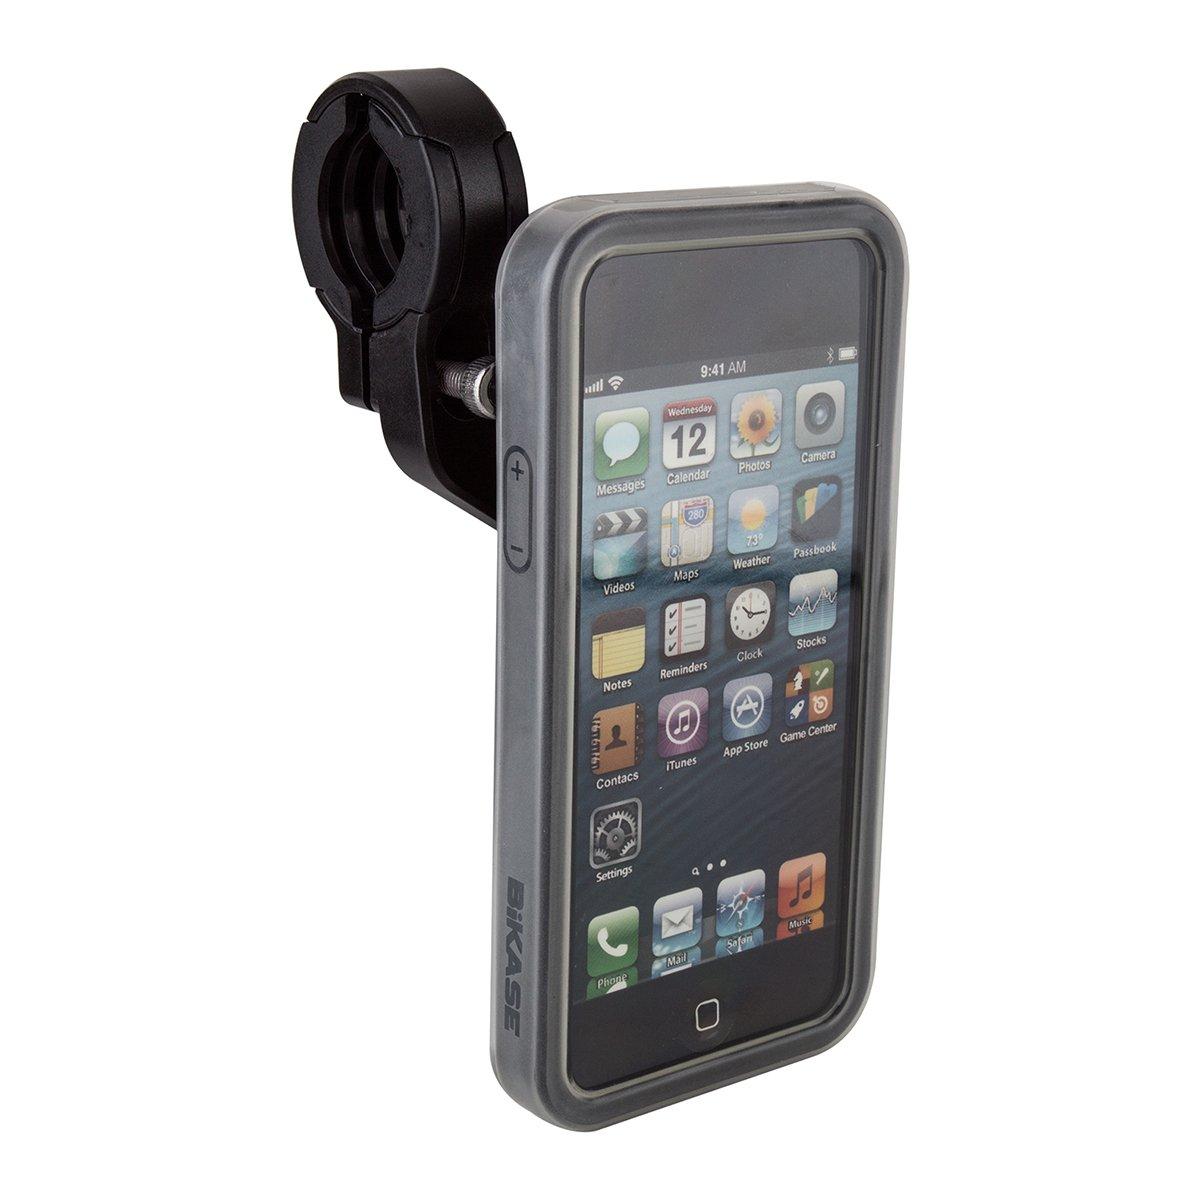 魅了 Bikase 1035 Gokase Iphone-5 Hb Hb BiKase Bag Black by BiKase 1035 B00TJB0BS2, ヤメシ:3297d94f --- by.specpricep.ru